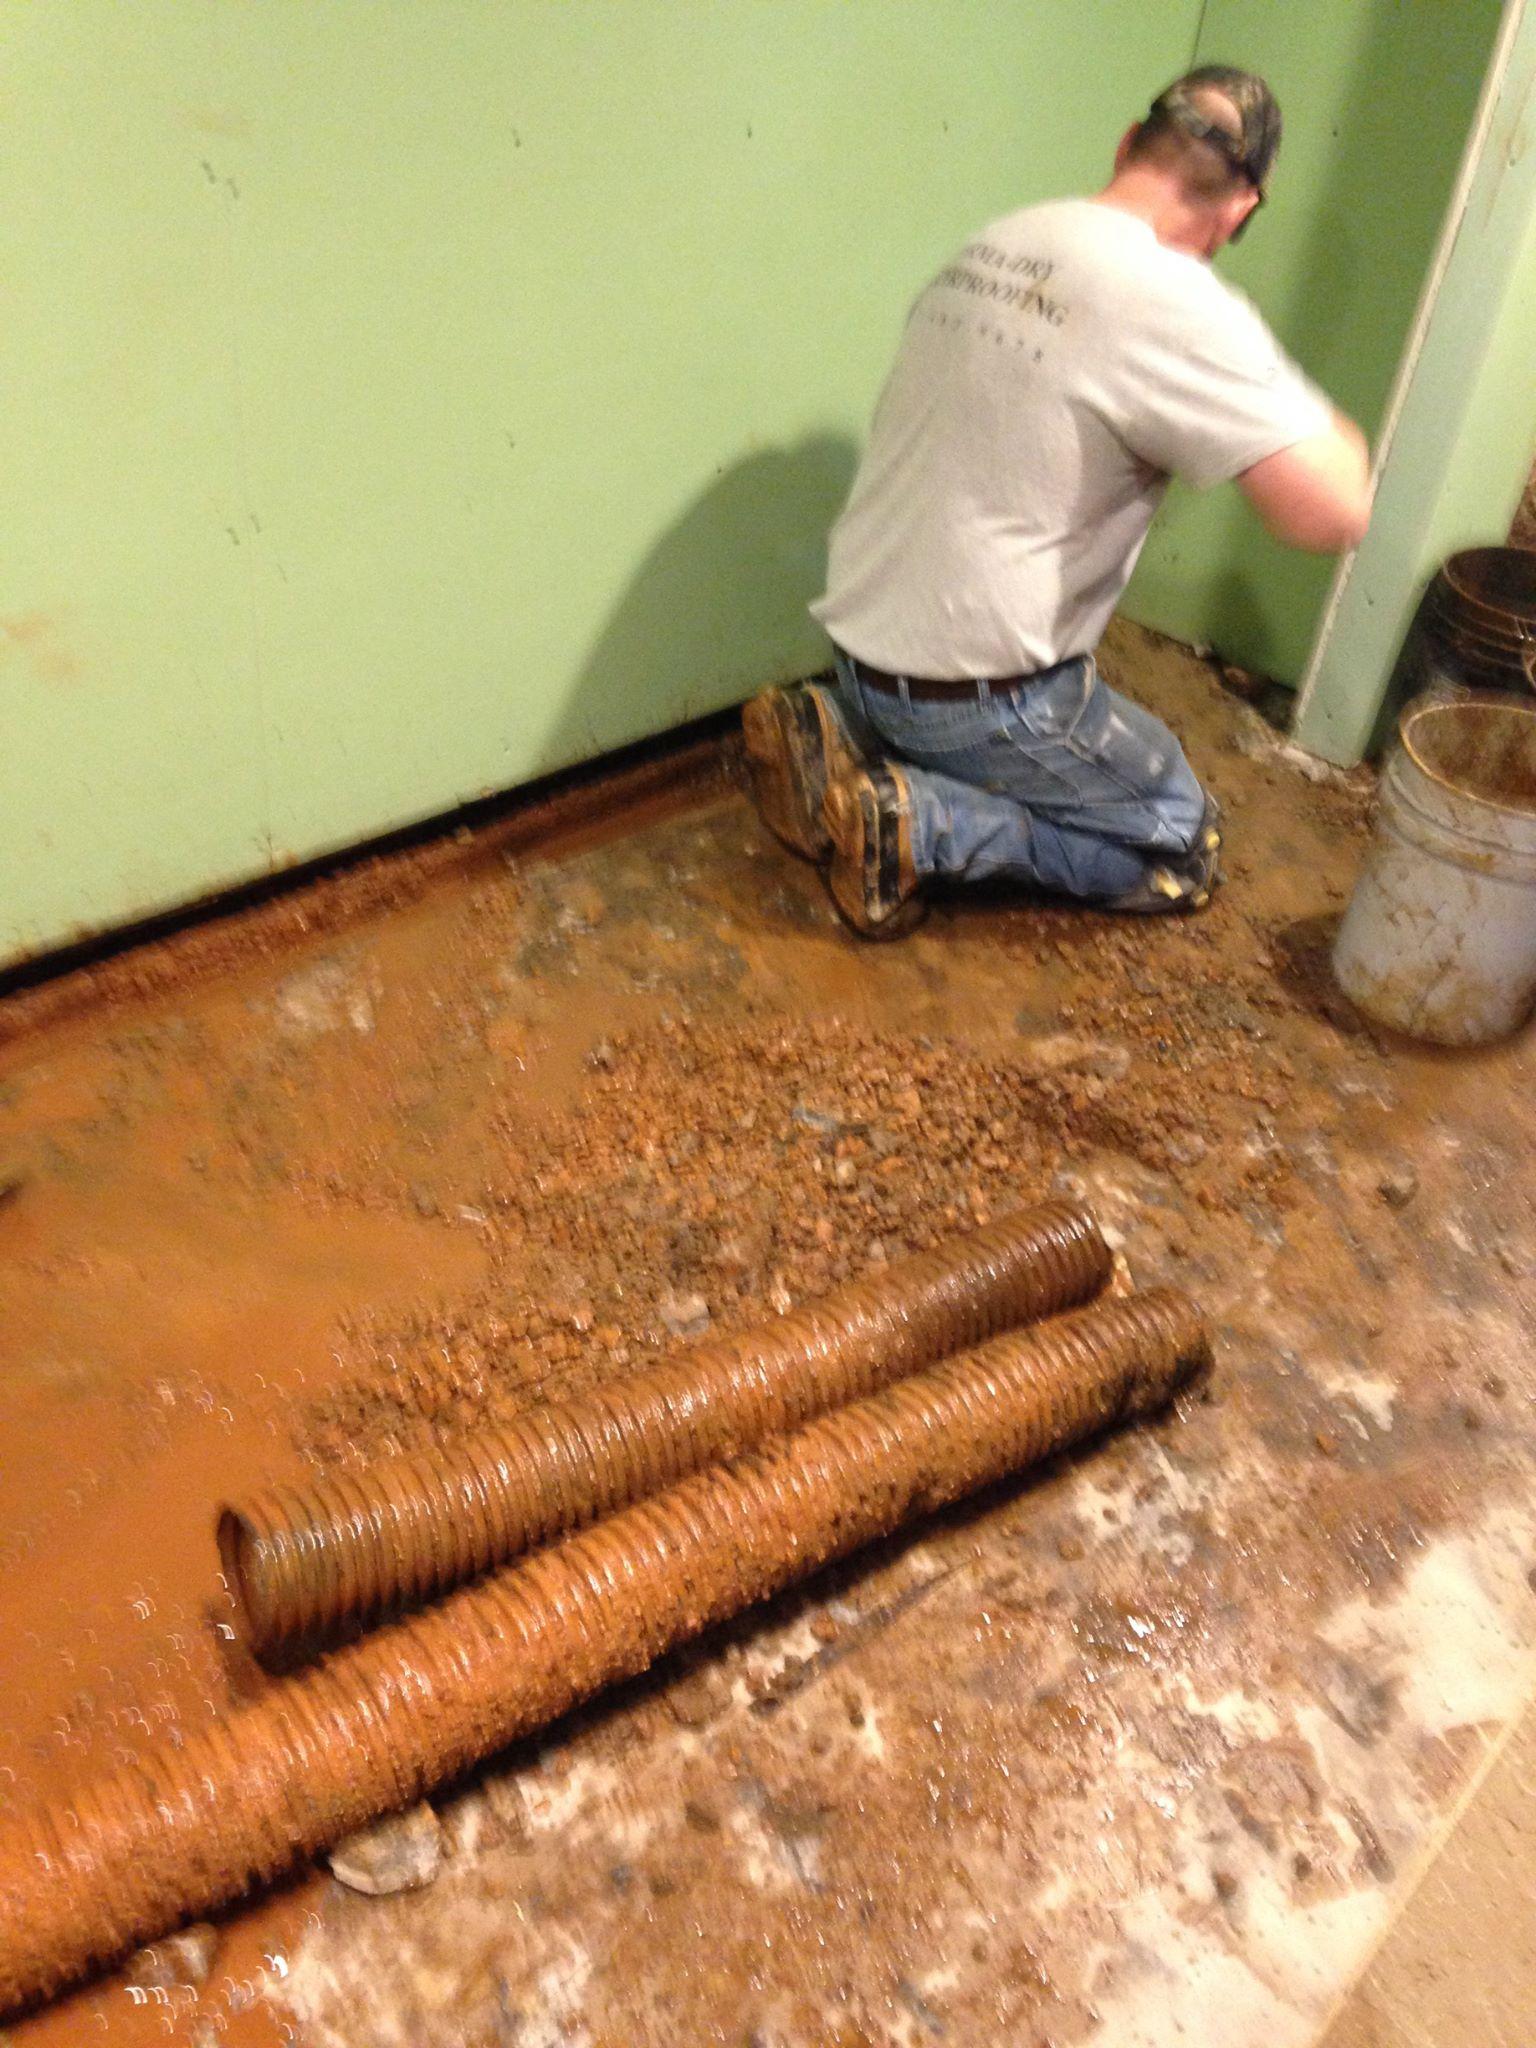 Foundation repairing